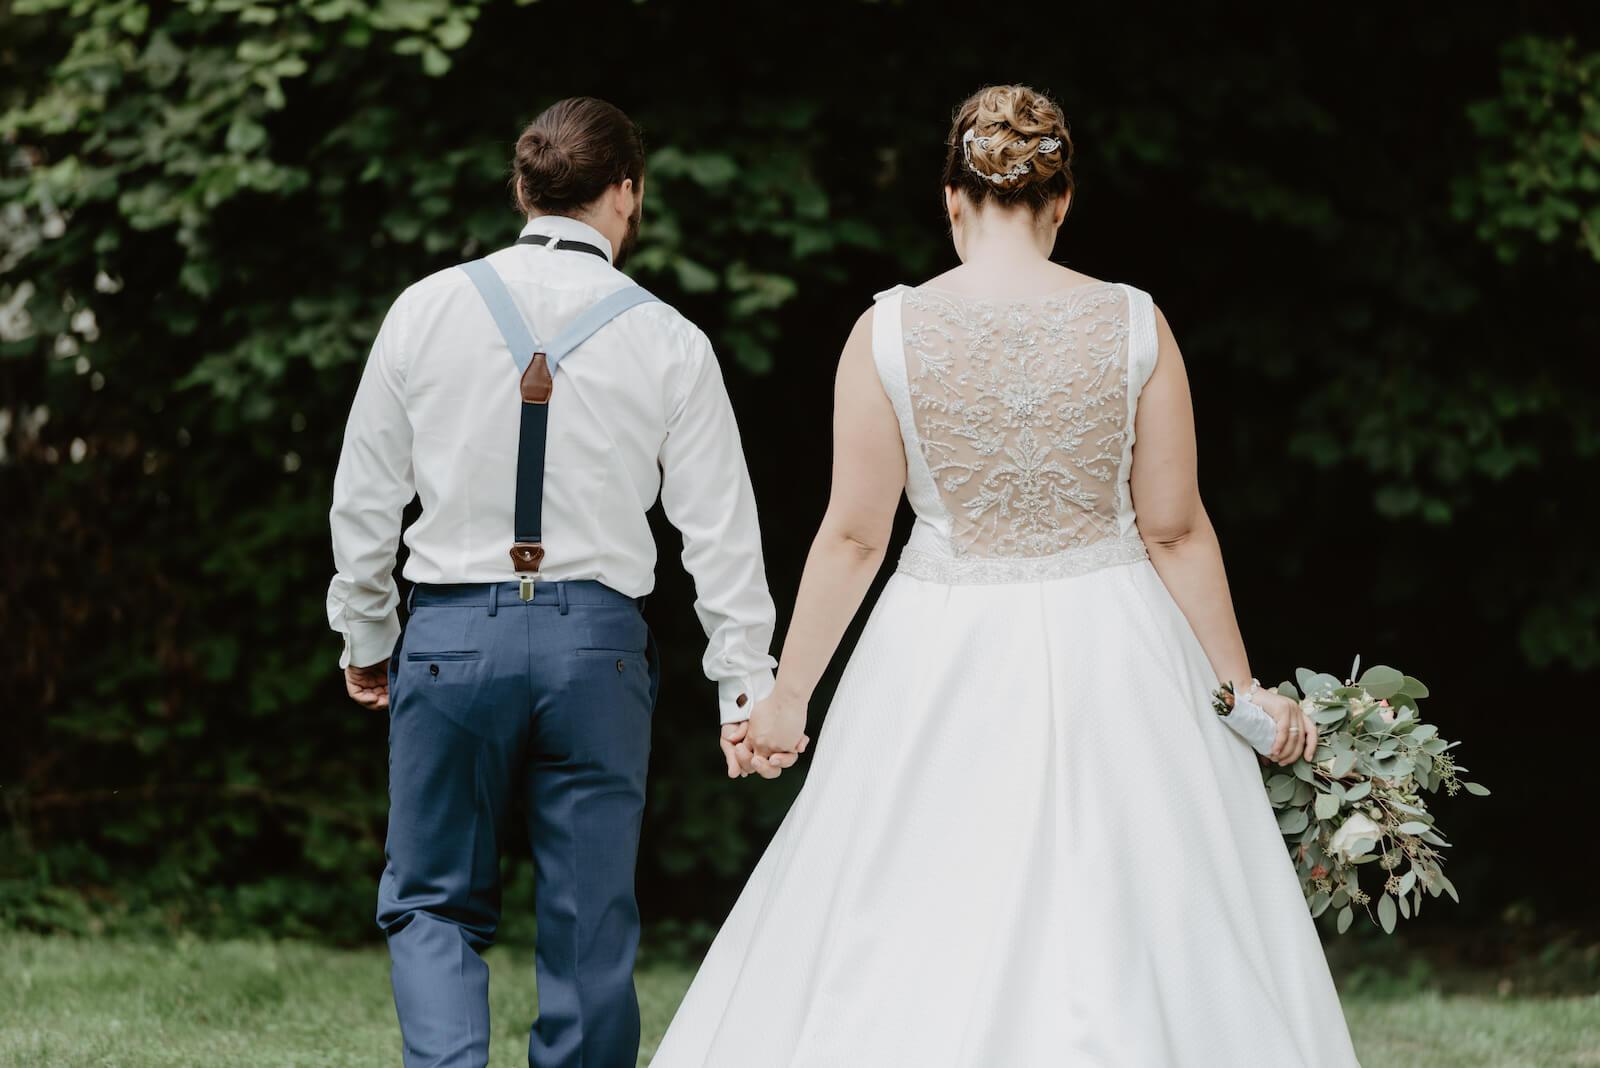 Gartenhochzeit Buchloe - Rückansicht des Brautpaares im Garten